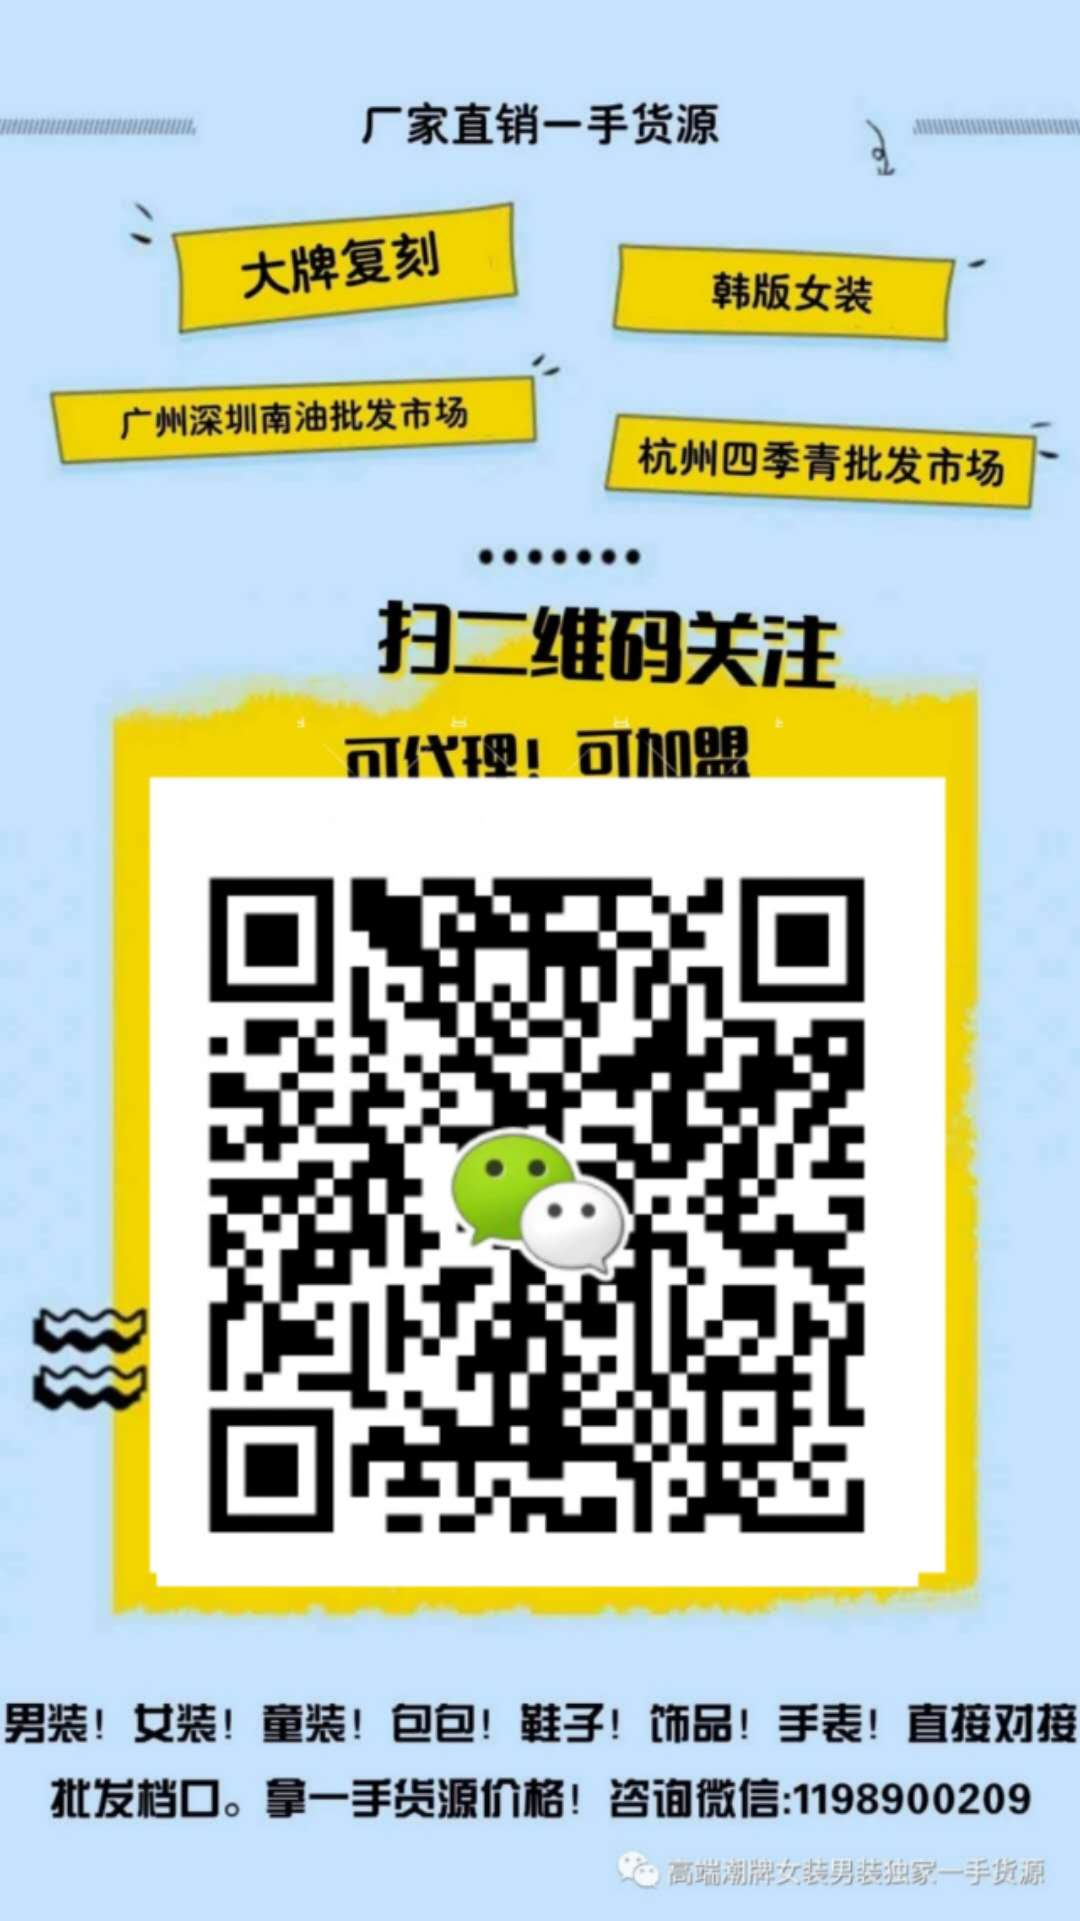 微信图片_20200525164625.jpg